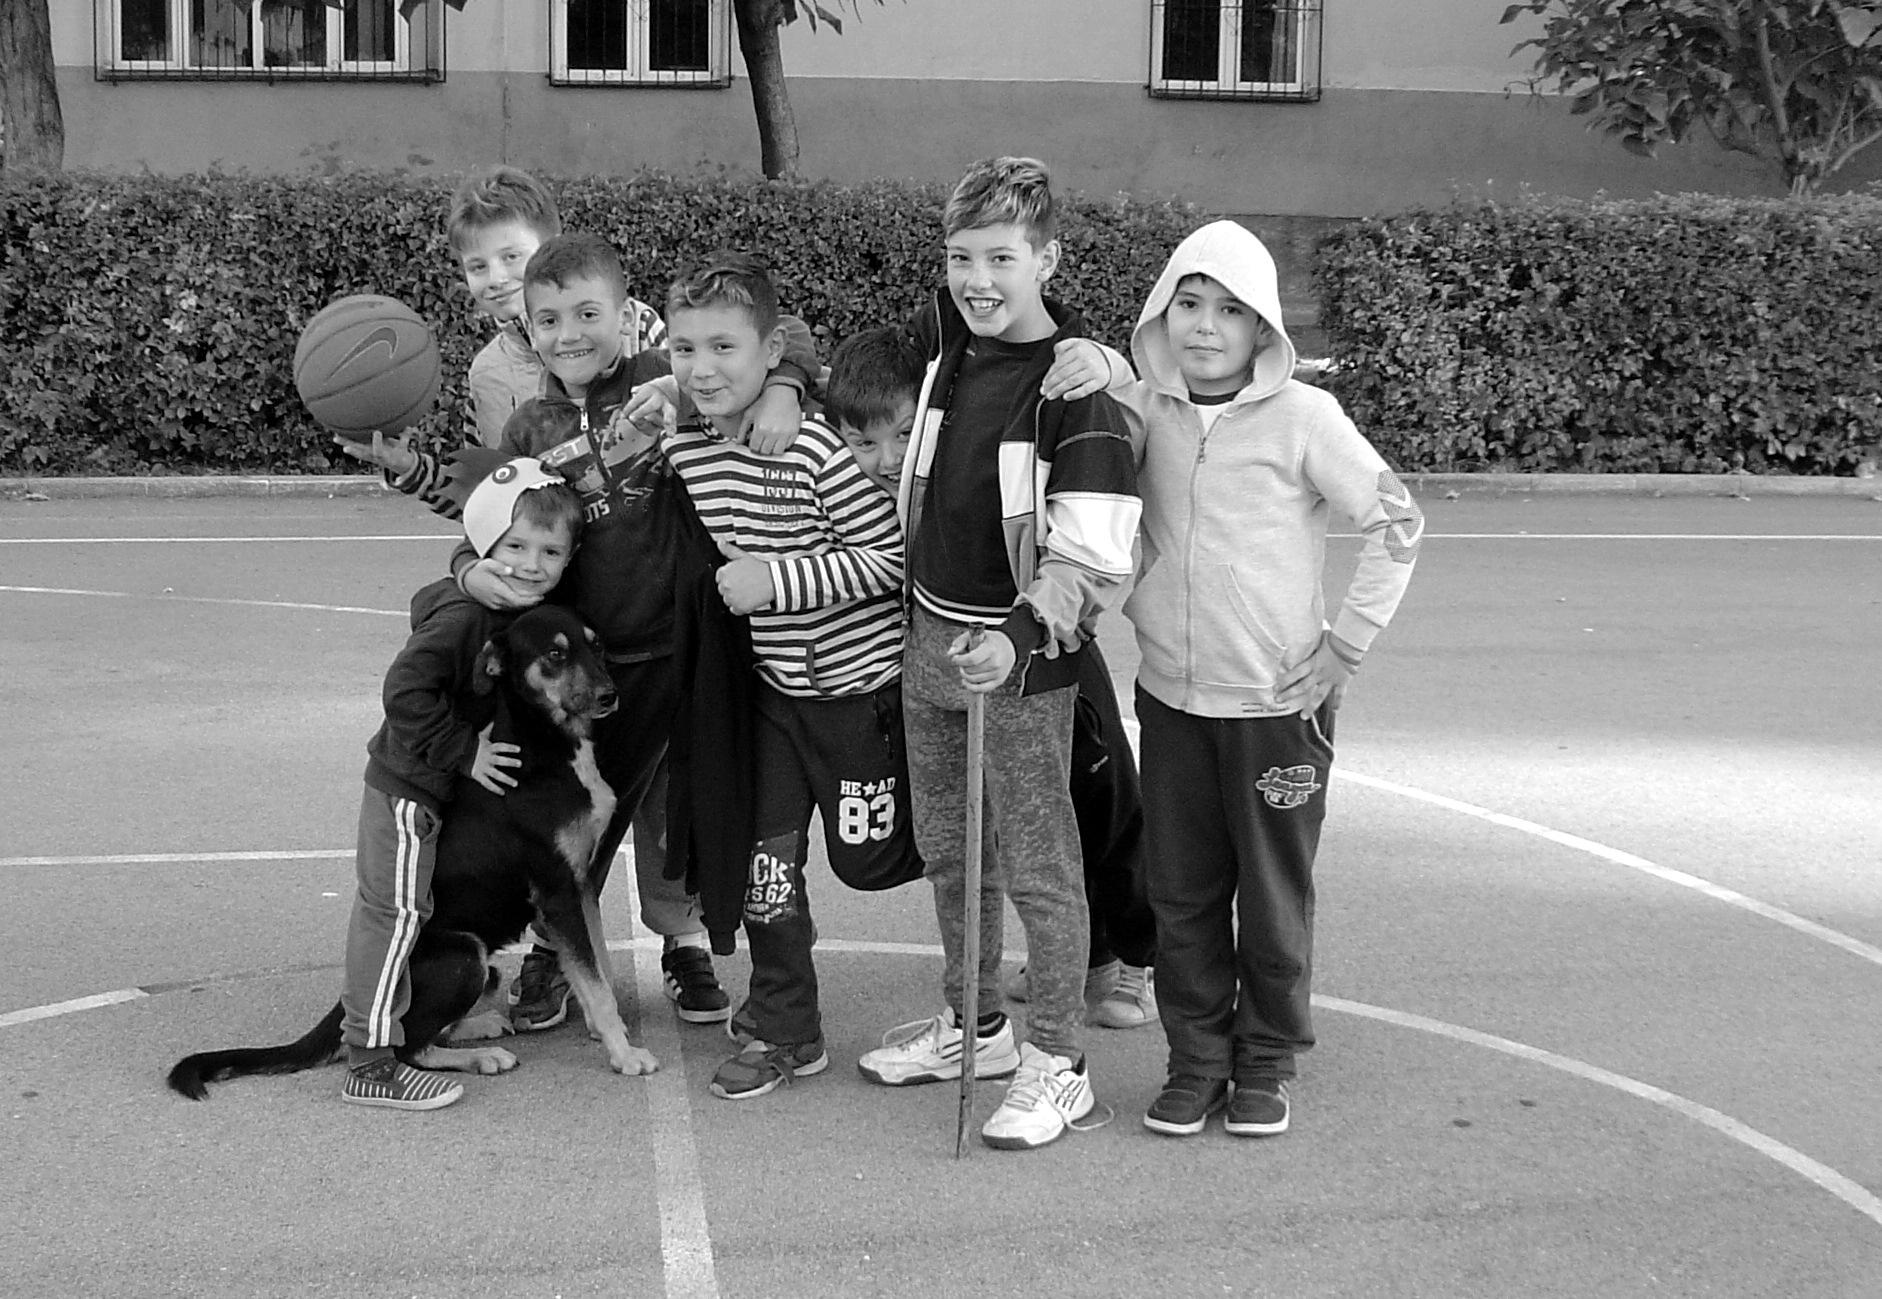 Dream team 2 by KrumVelkov